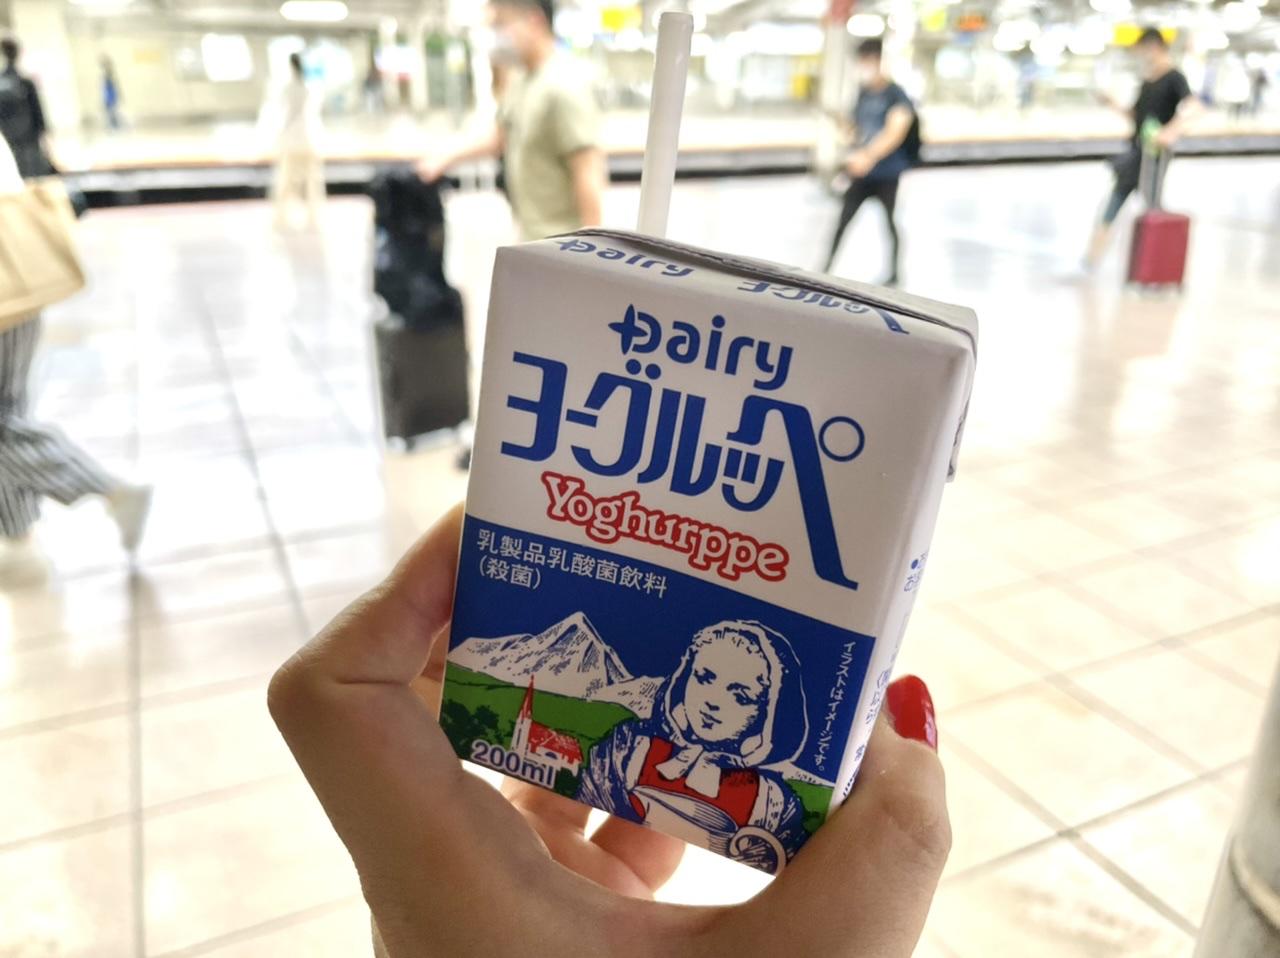 JR秋葉原駅で全国のご当地牛乳を飲み比べ?!ホームにひっそり佇む「ミルクスタンド」を発見!_2